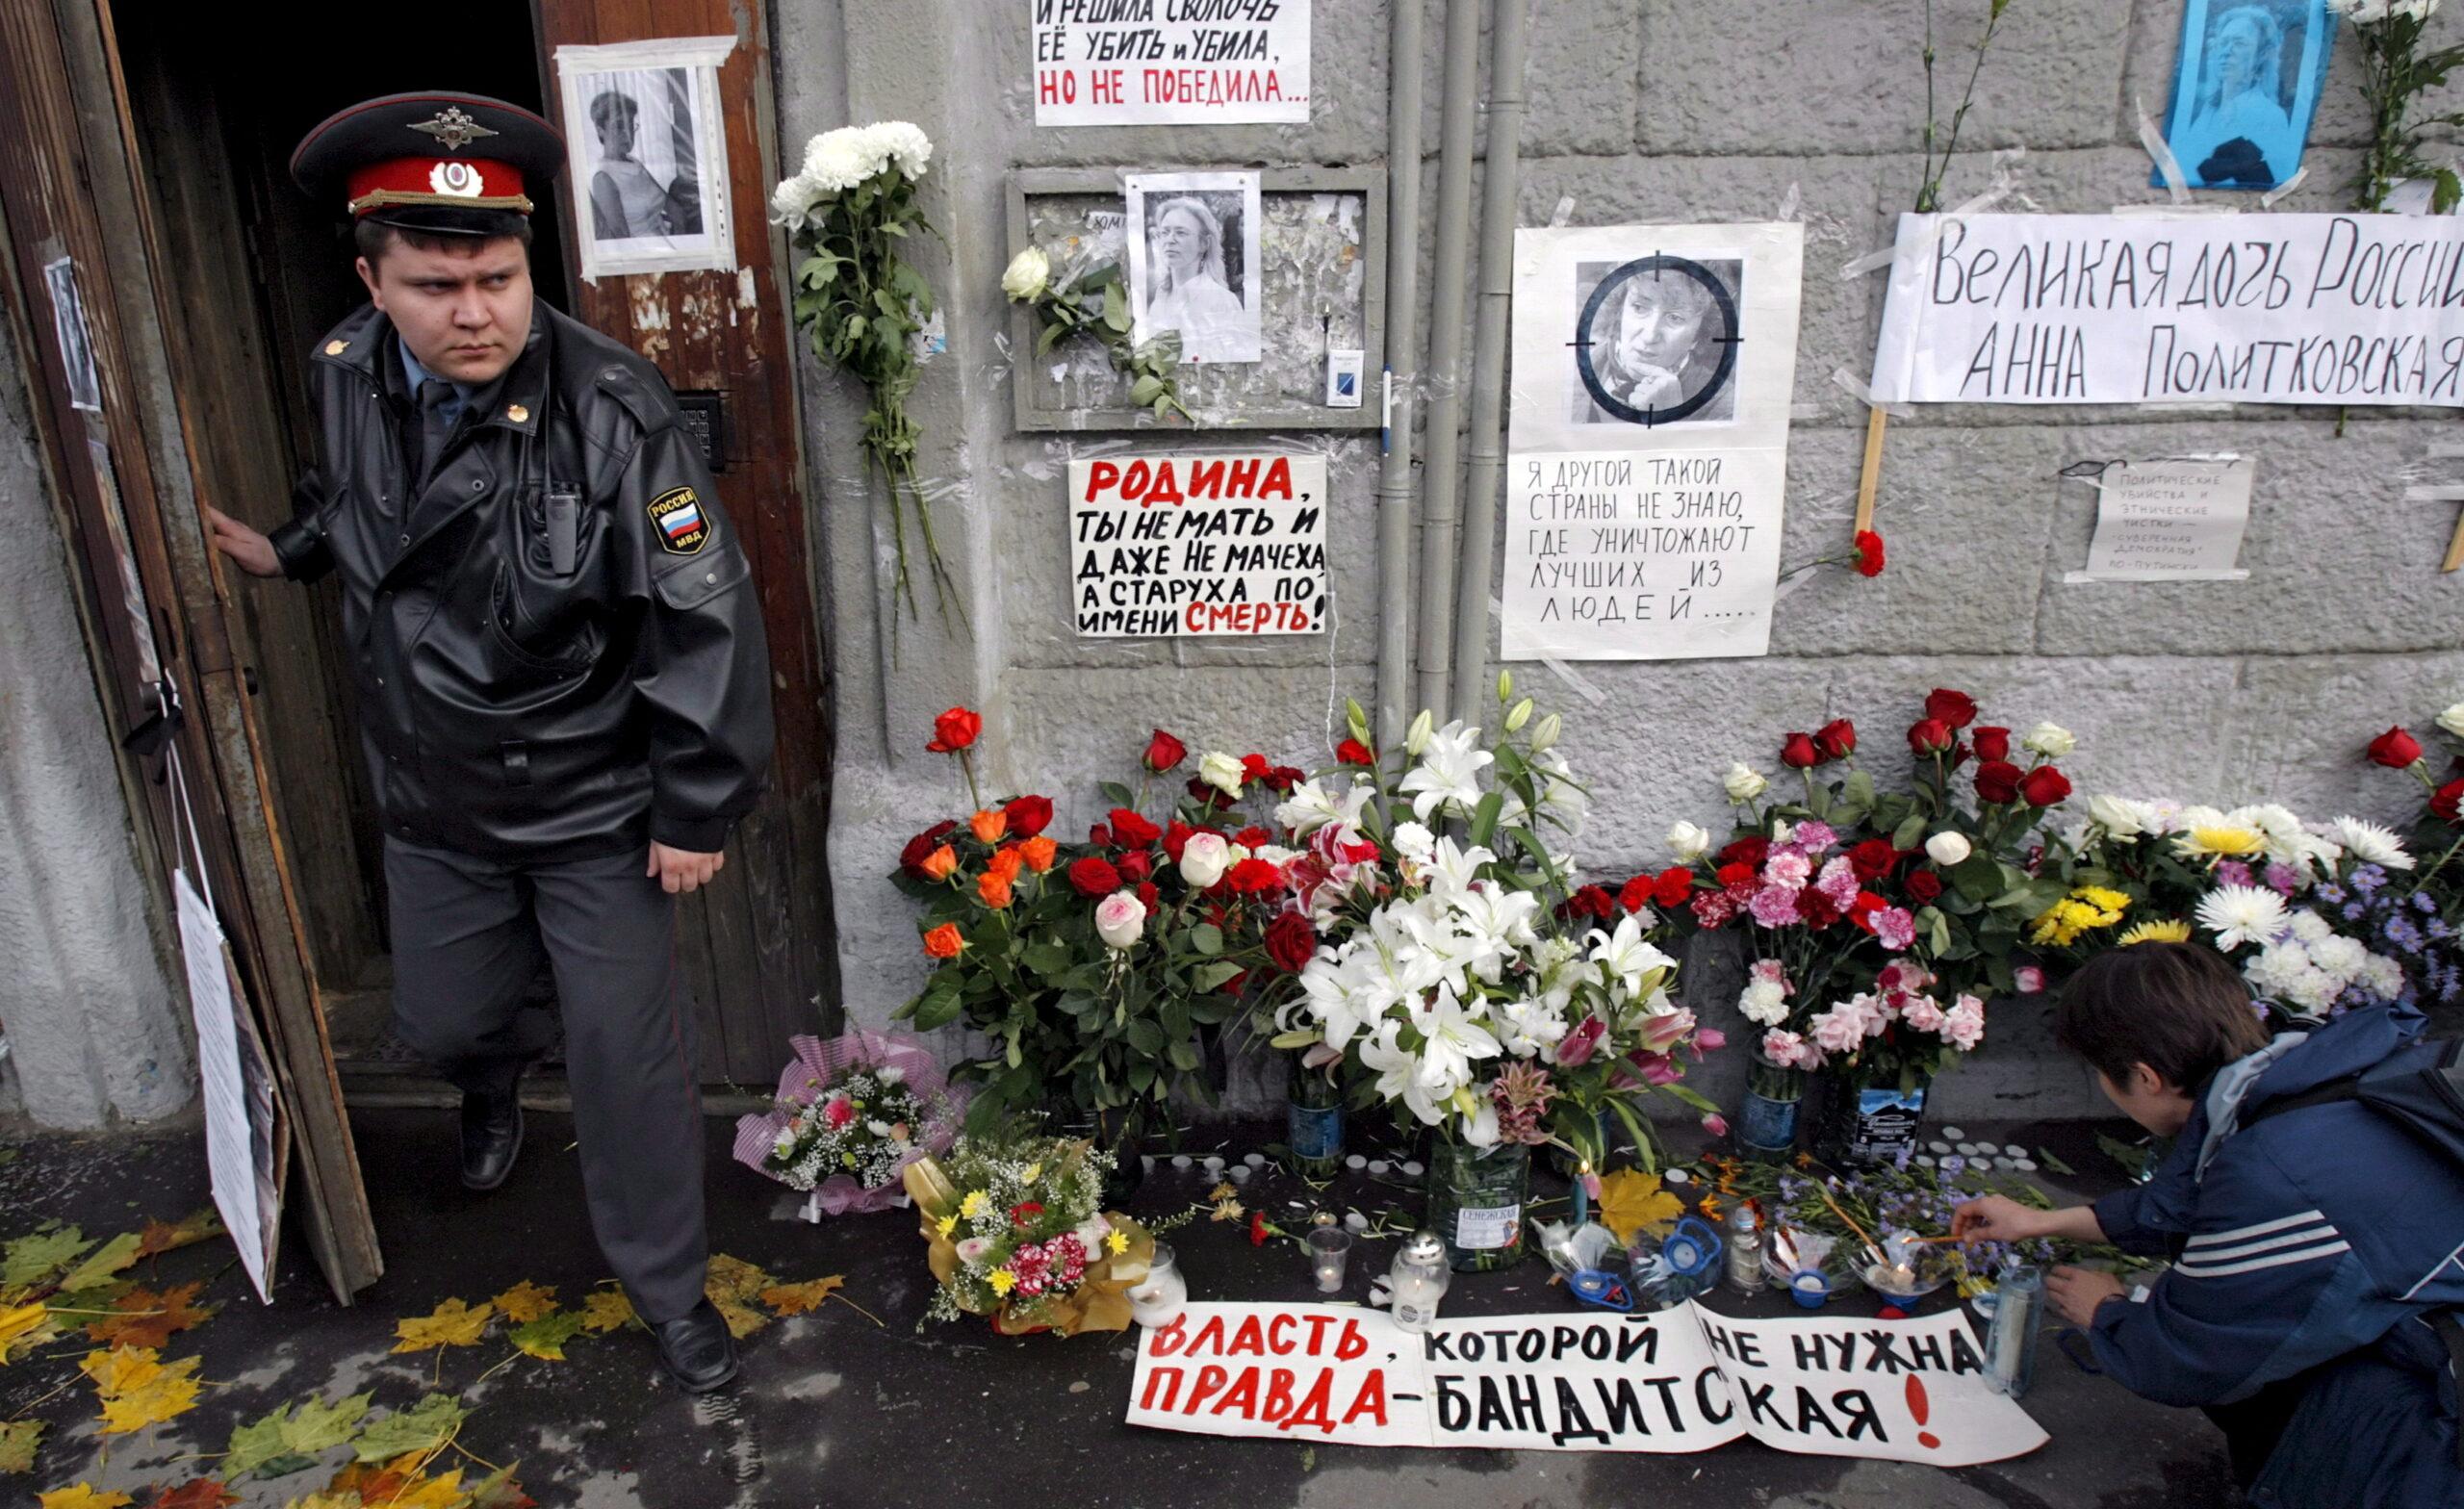 Gėlės prie namo sienos ir milicininkas.